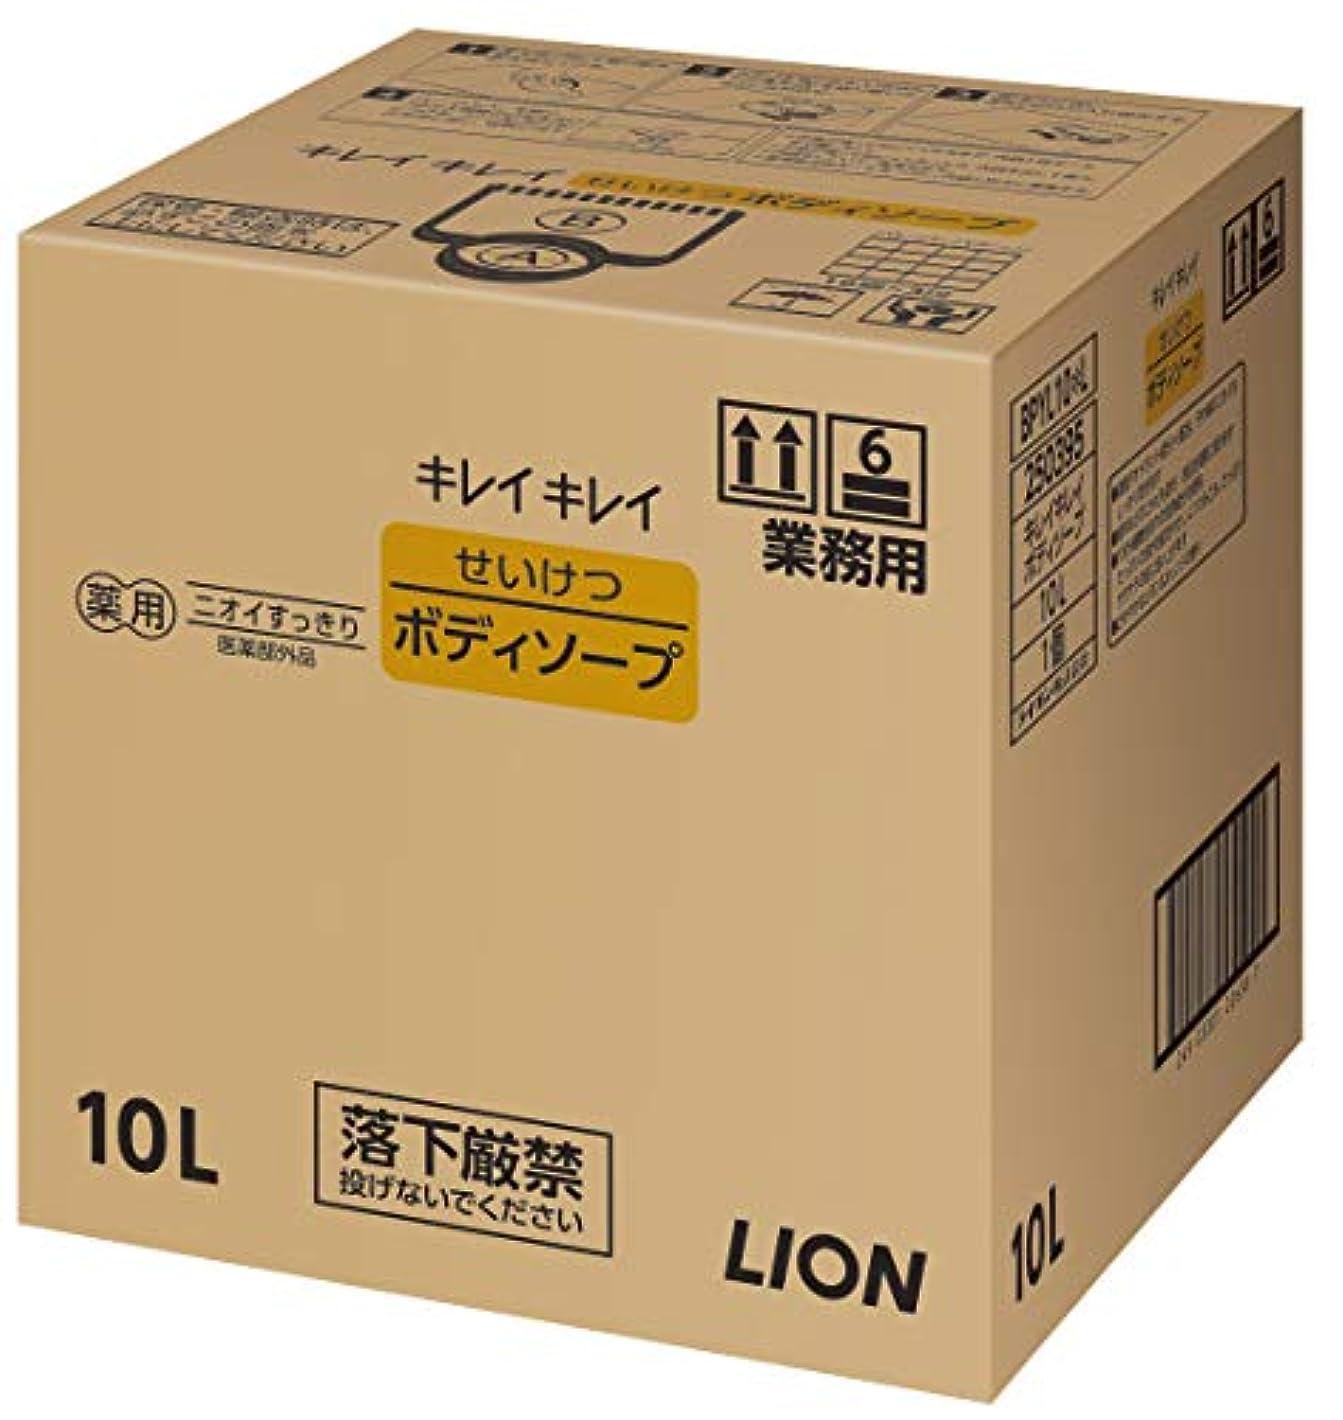 知り合いになるバレーボールシャックルキレイキレイ せいけつボディソープ さわやかなレモン&オレンジの香り 業務用 10L